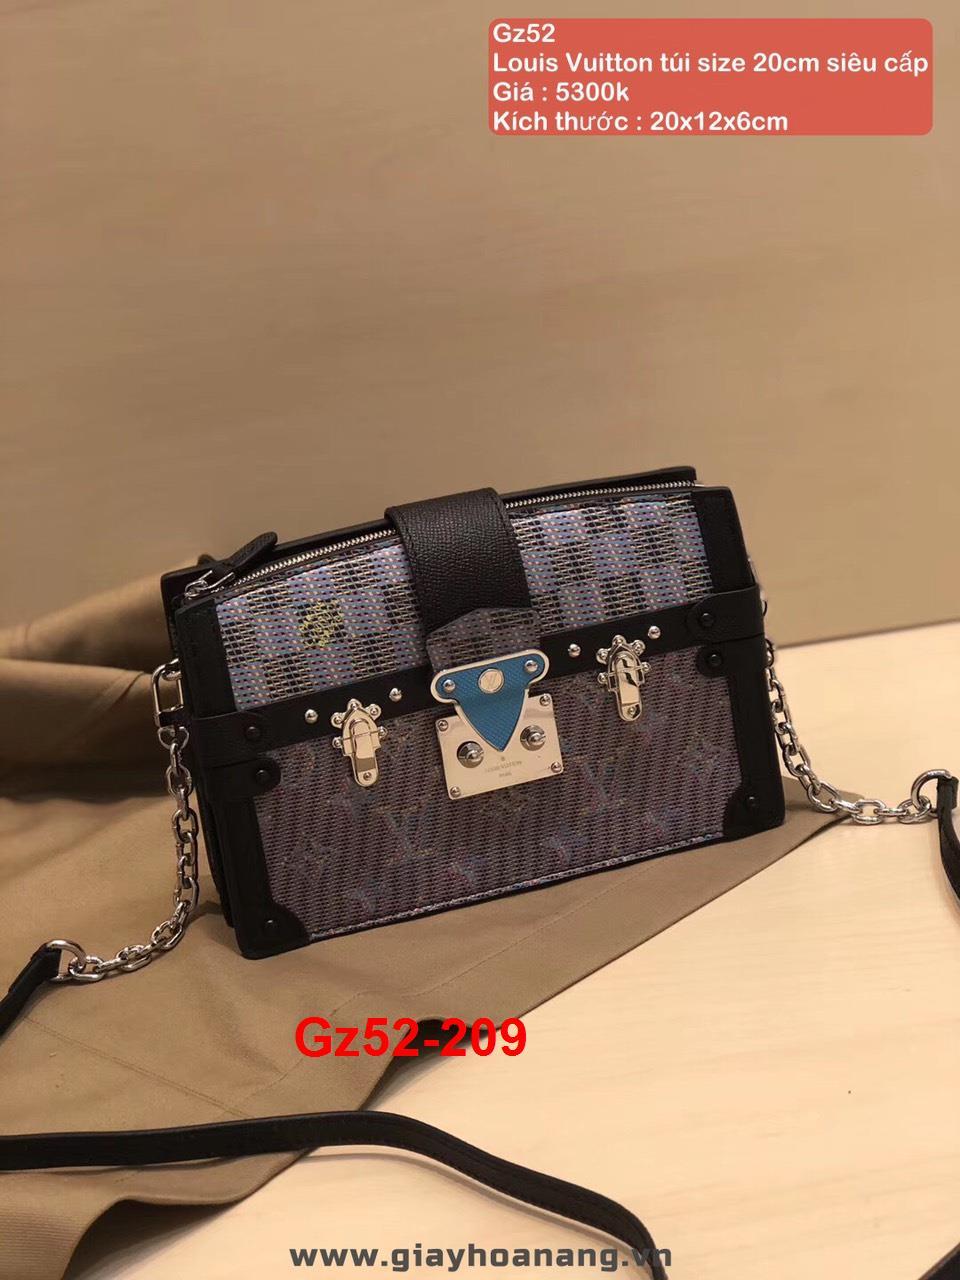 Gz52-209 Louis Vuitton túi size 20cm siêu cấp